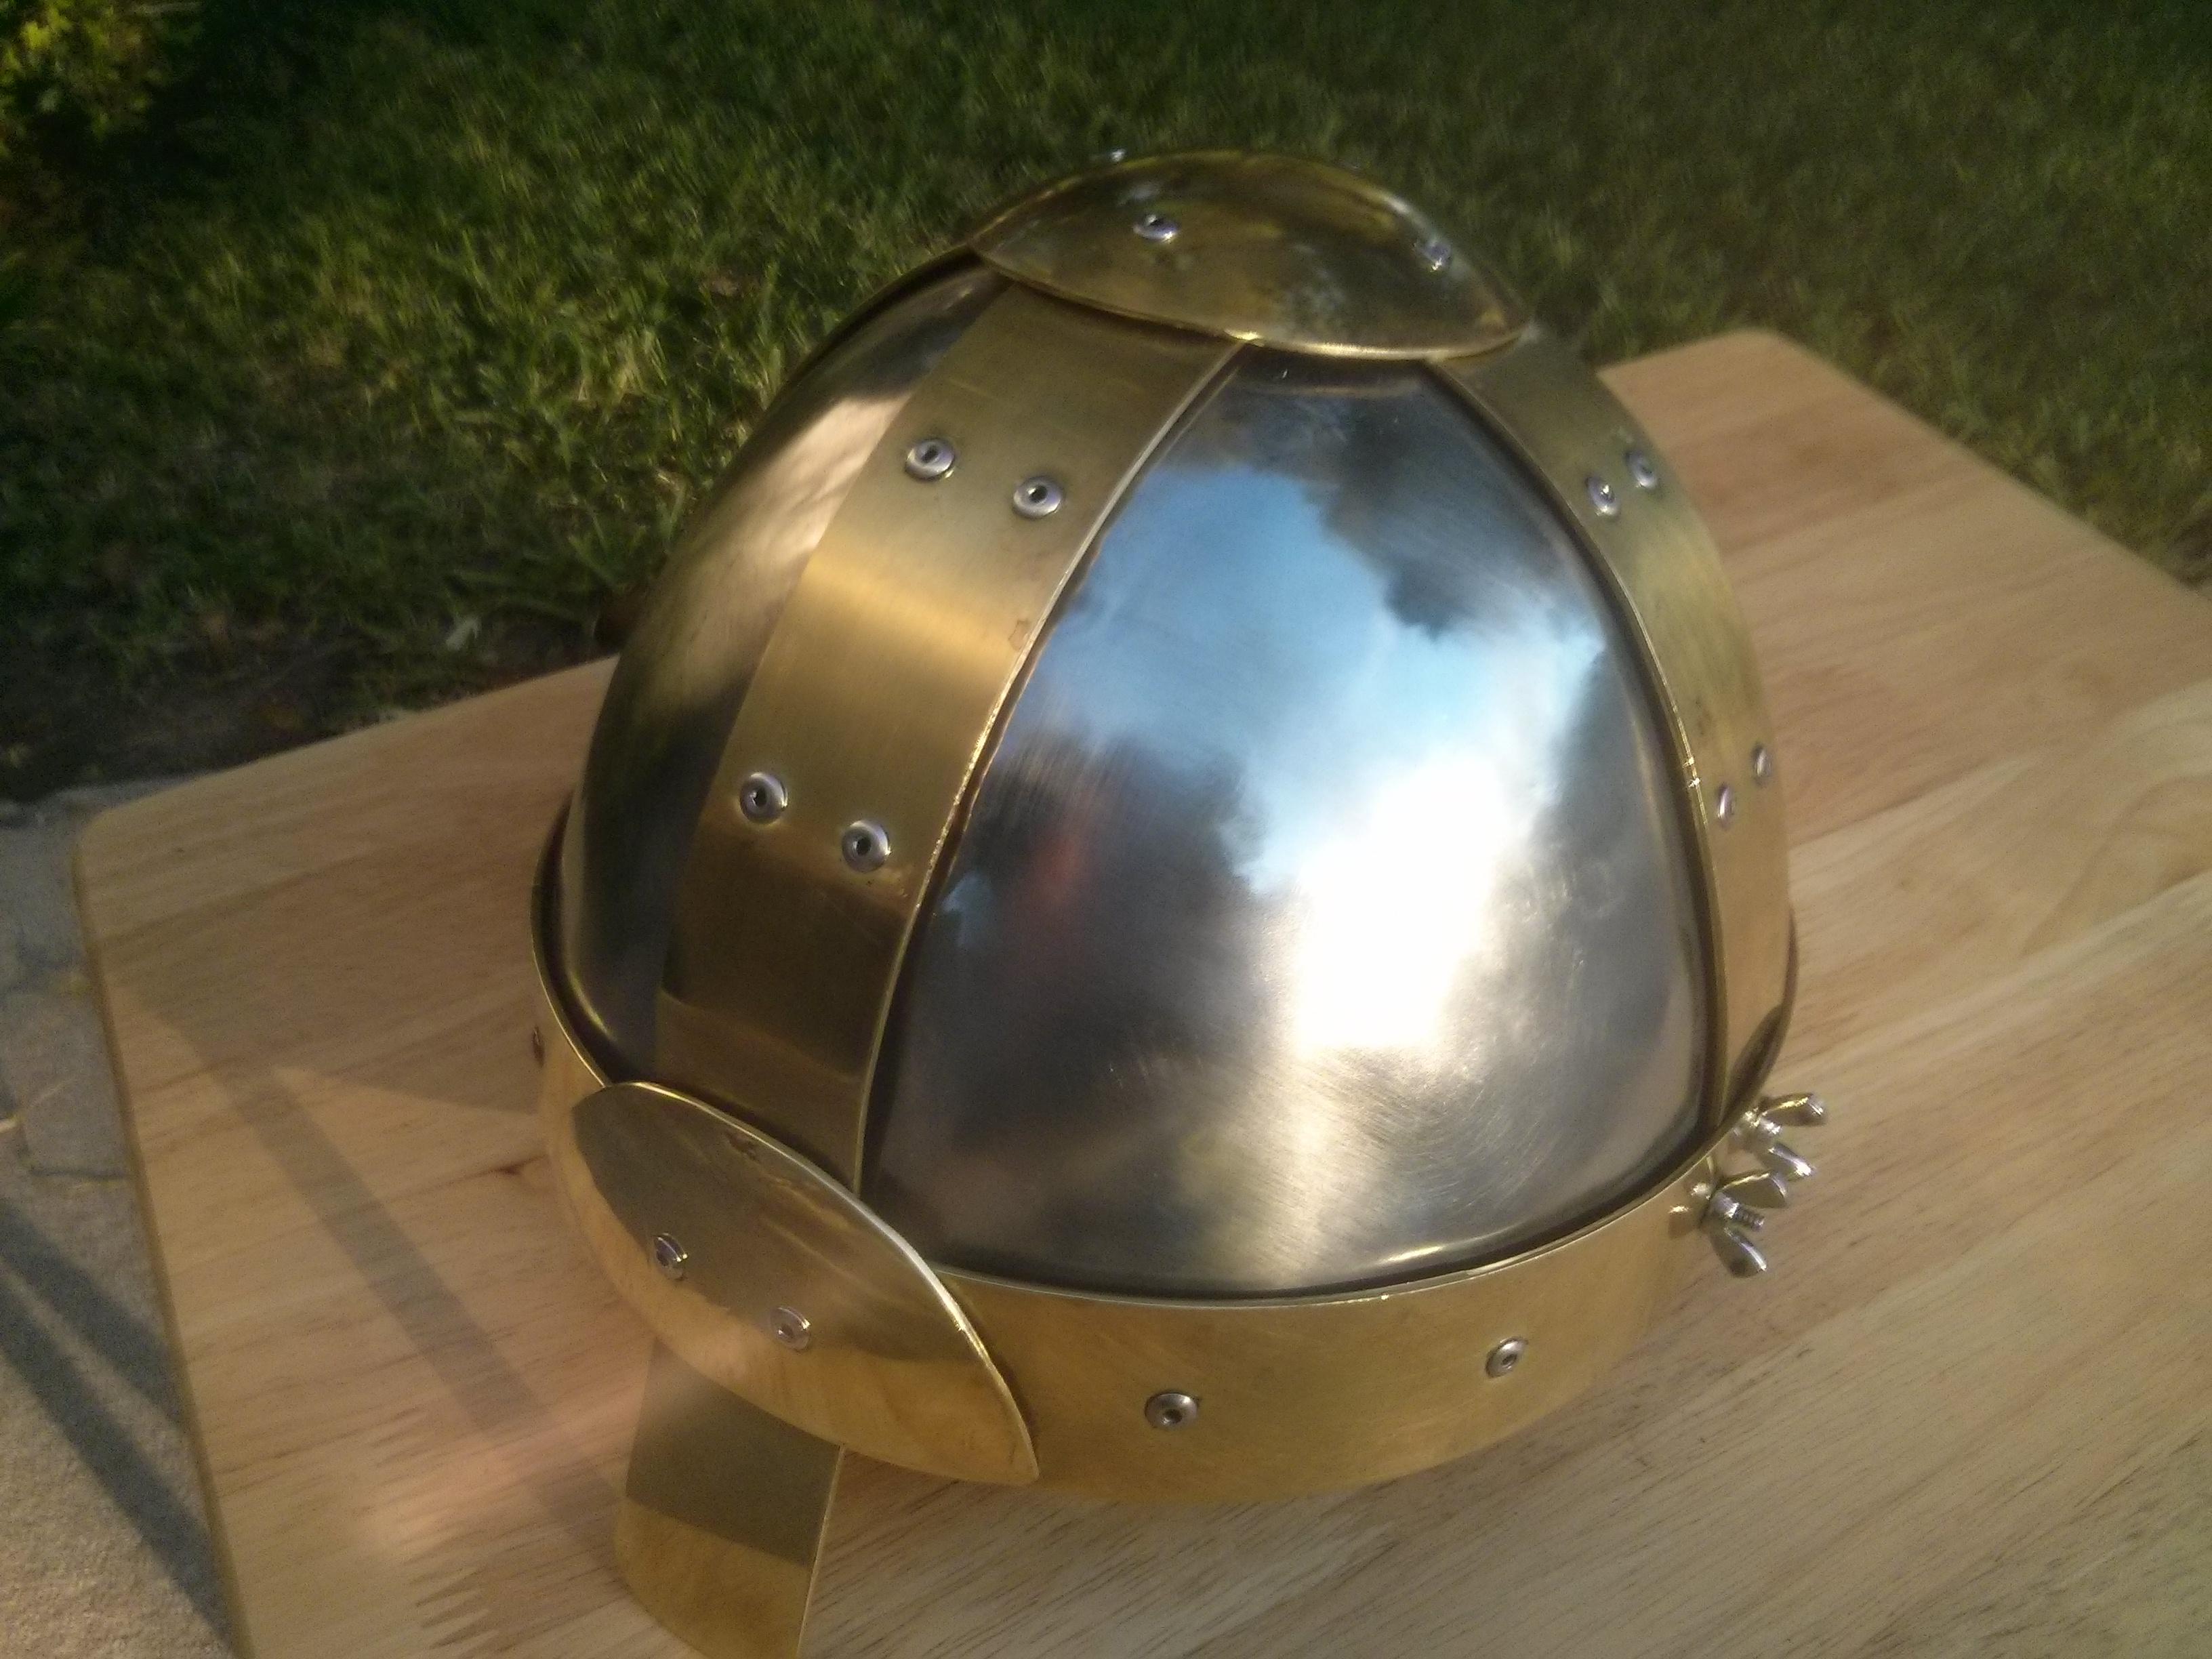 Basic Spangenhelm (Viking Helmet)